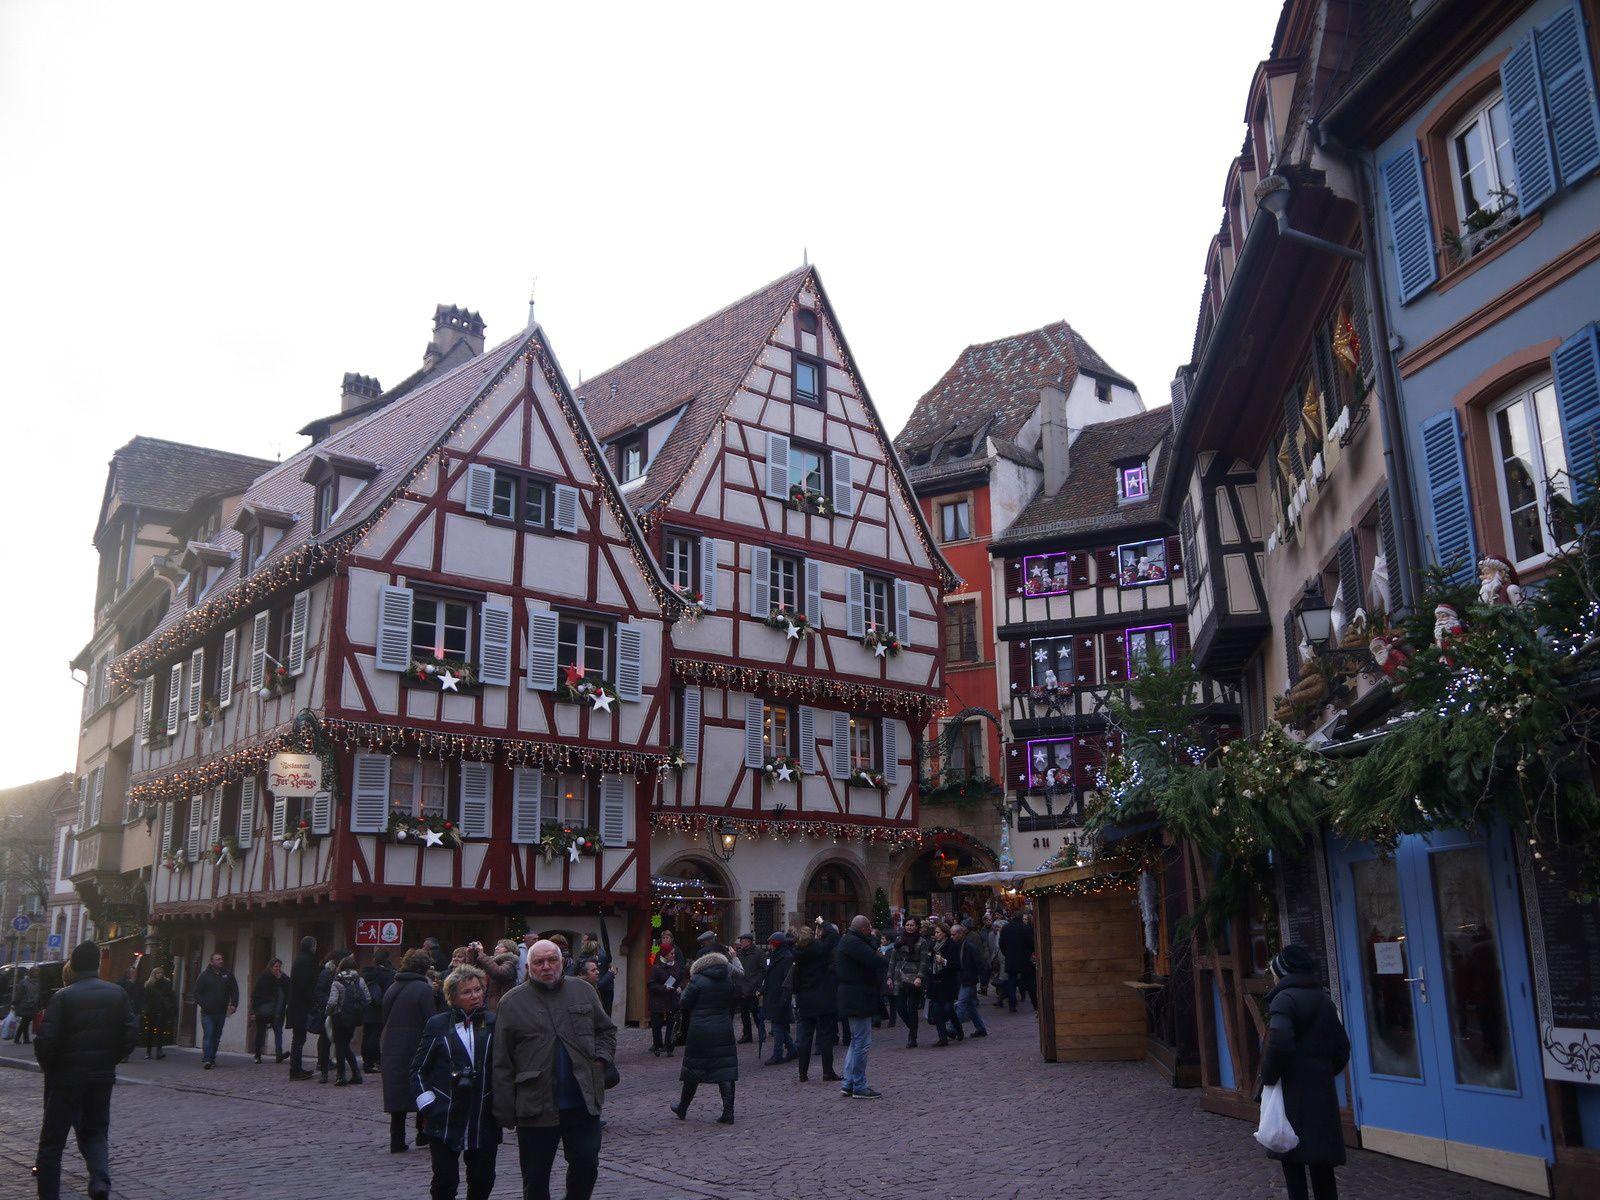 Marché de Noël à Colmar - Voyage